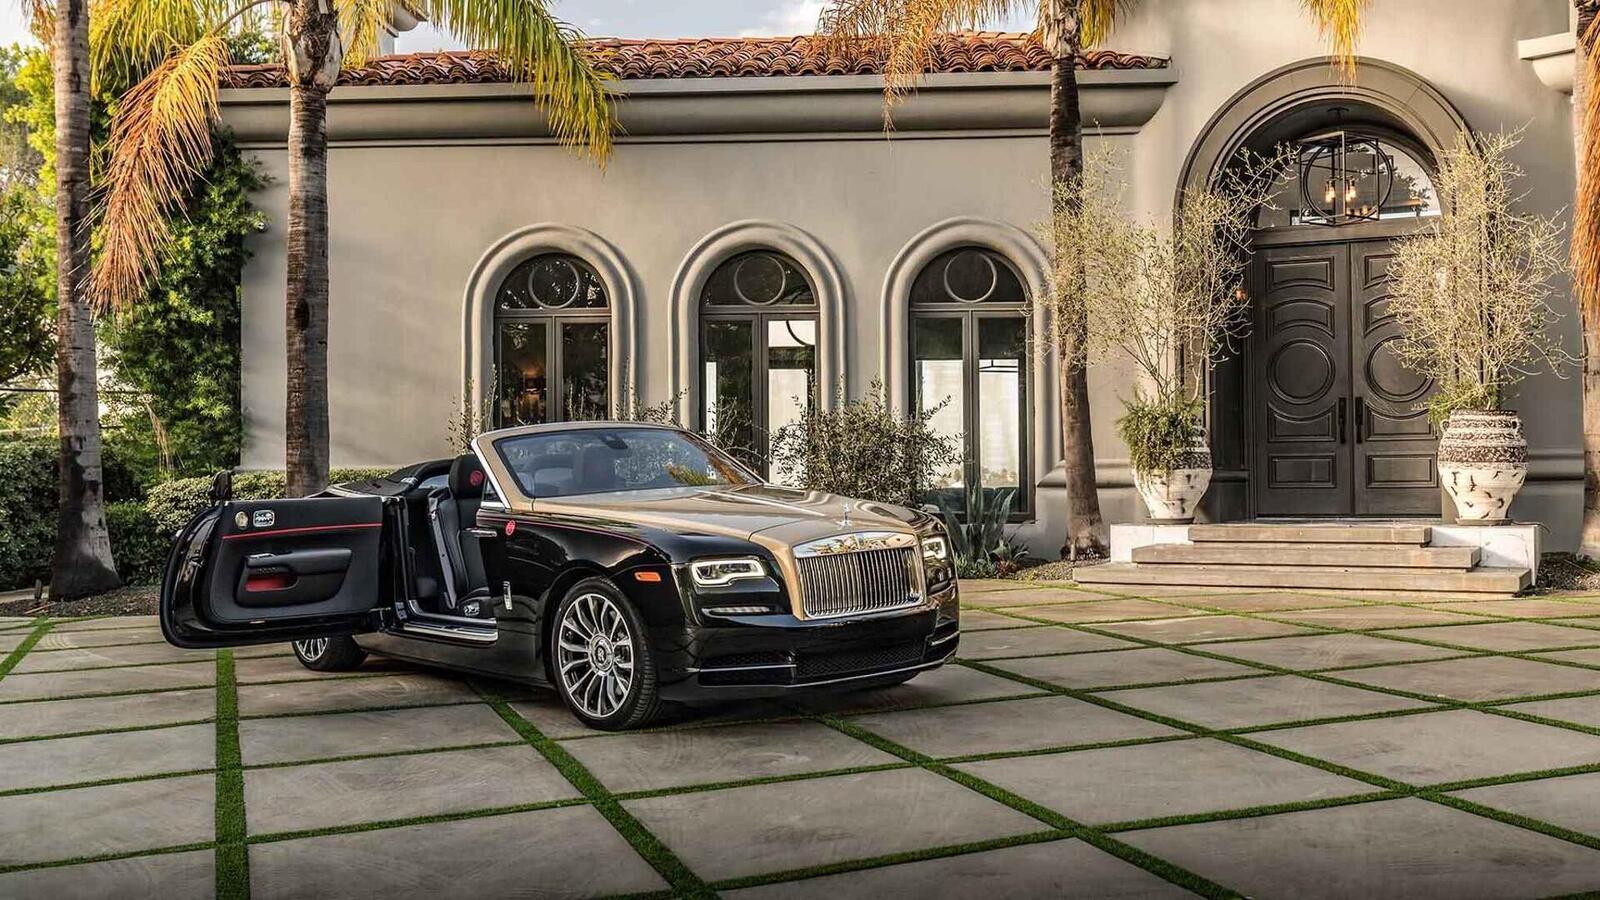 Mừng năm Kỷ Hợi, Rolls-Royce giới thiệu Ghost, Wraith và Dawn phiên bản đặc biệt ''Year of the Pig'' - Hình 7